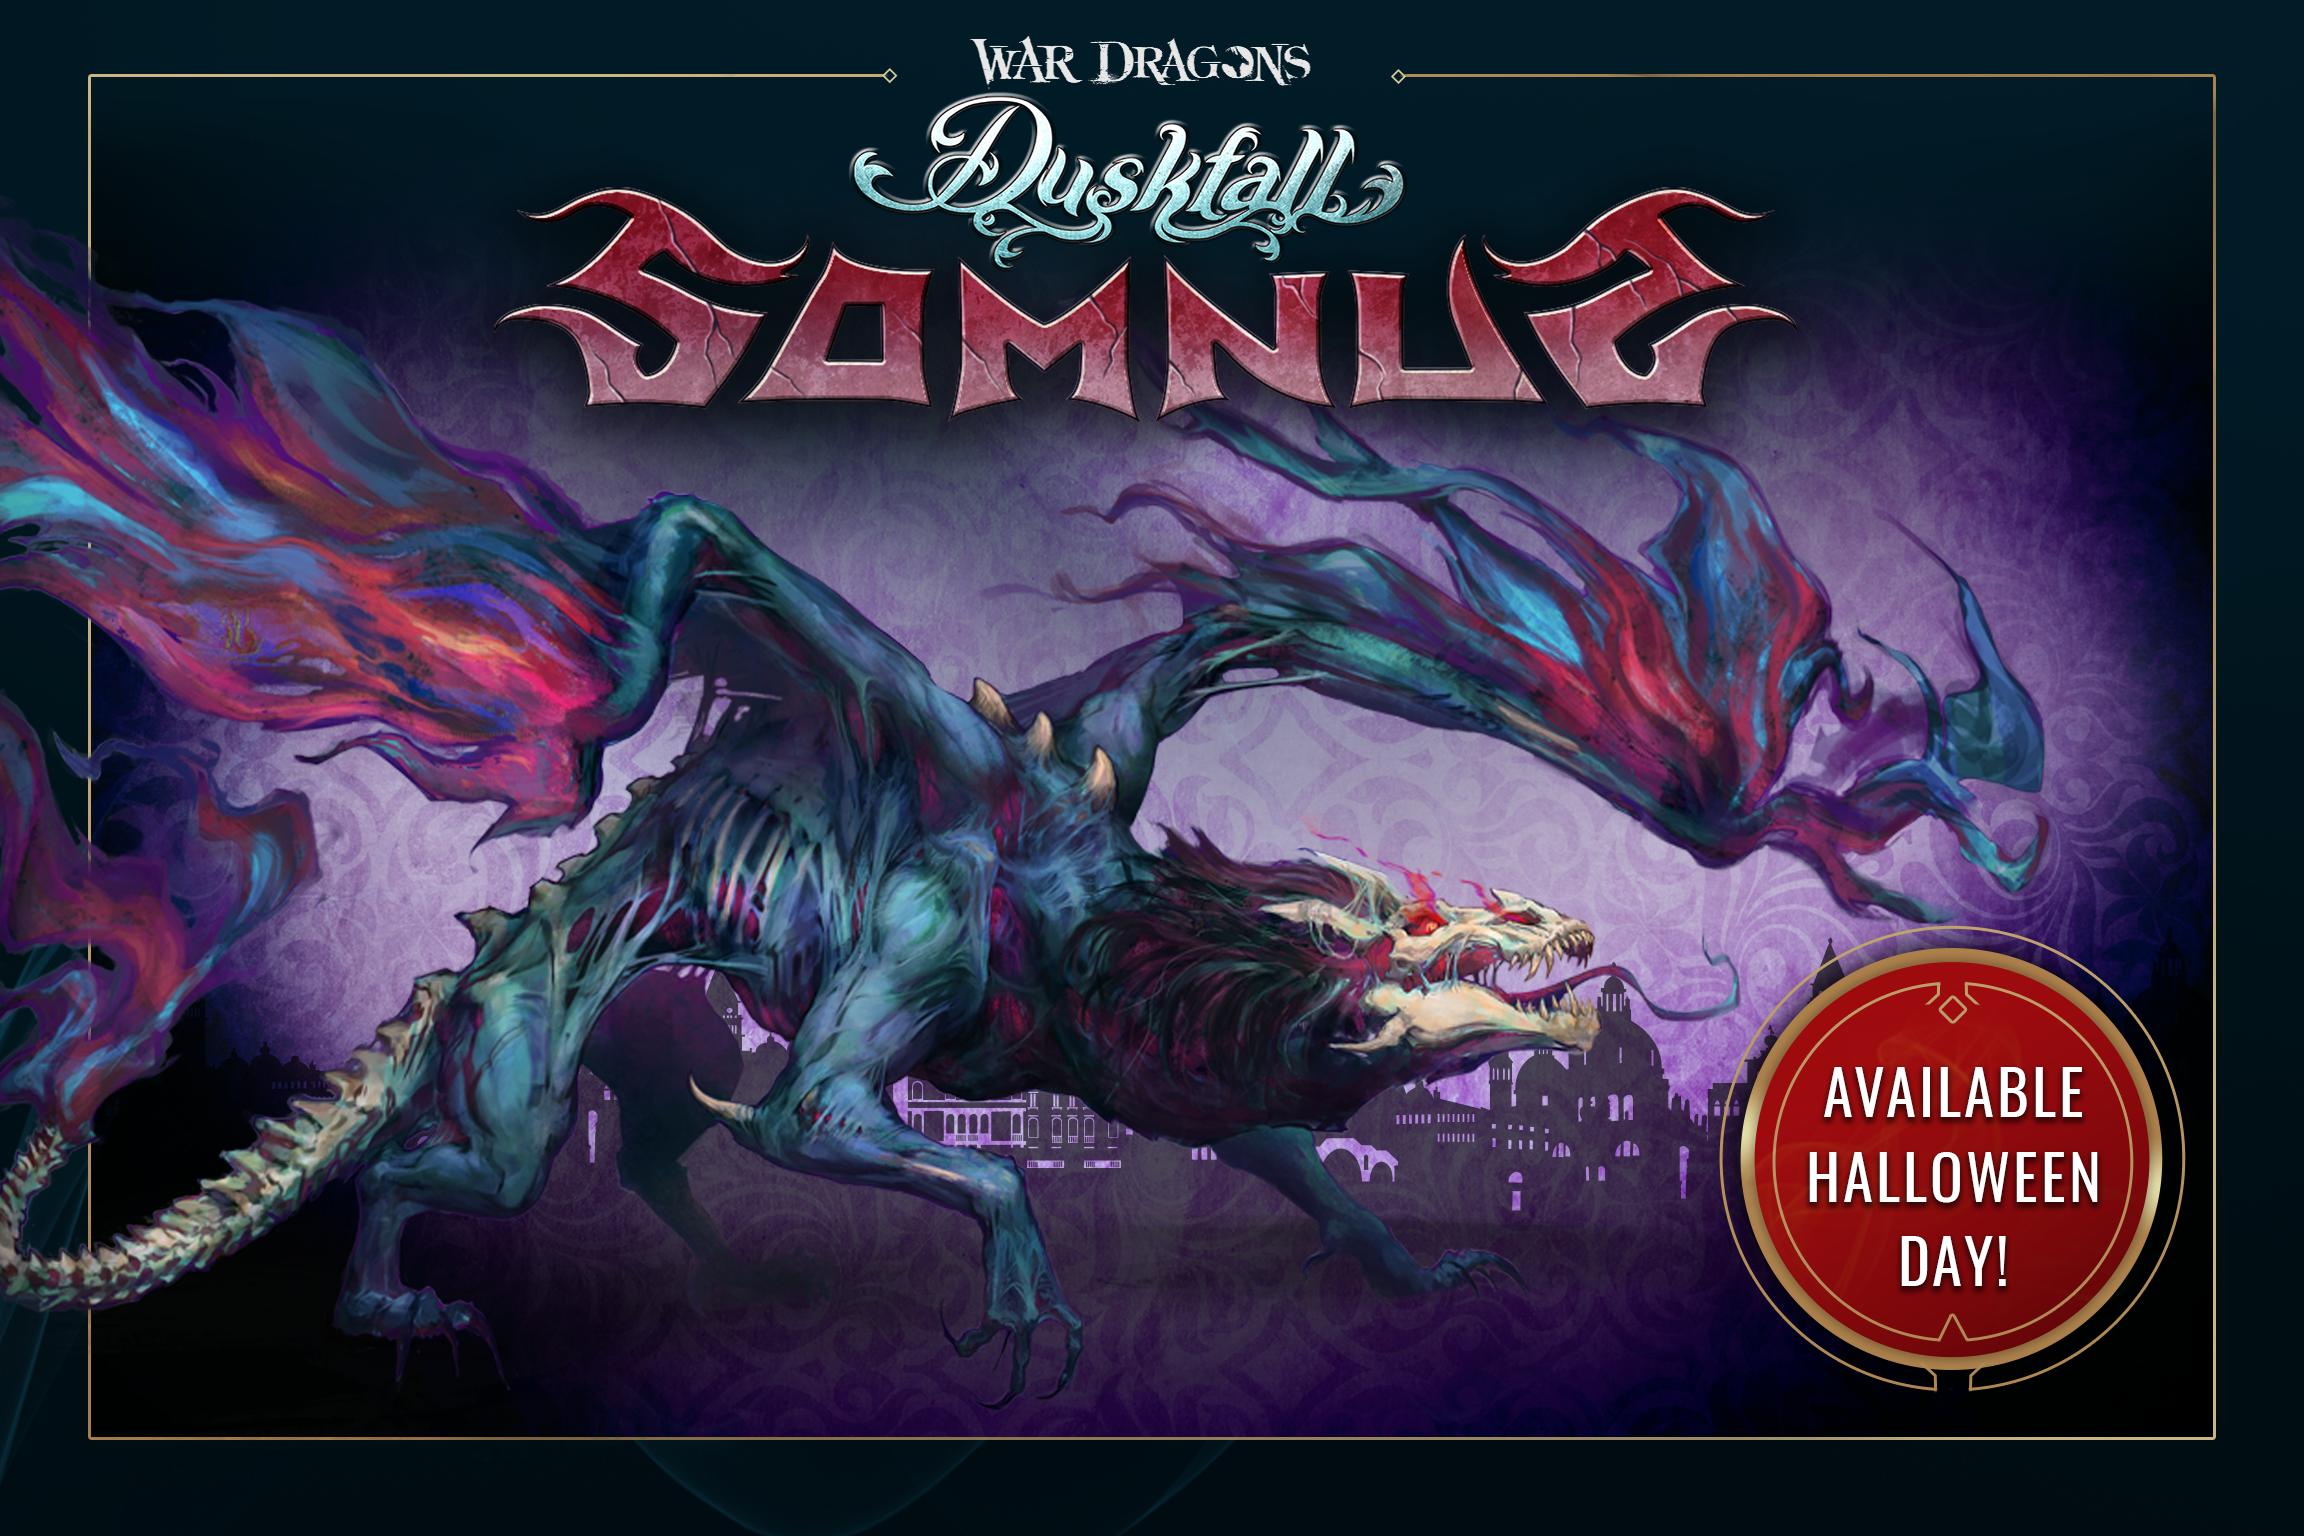 Duskfall Season - Somnus